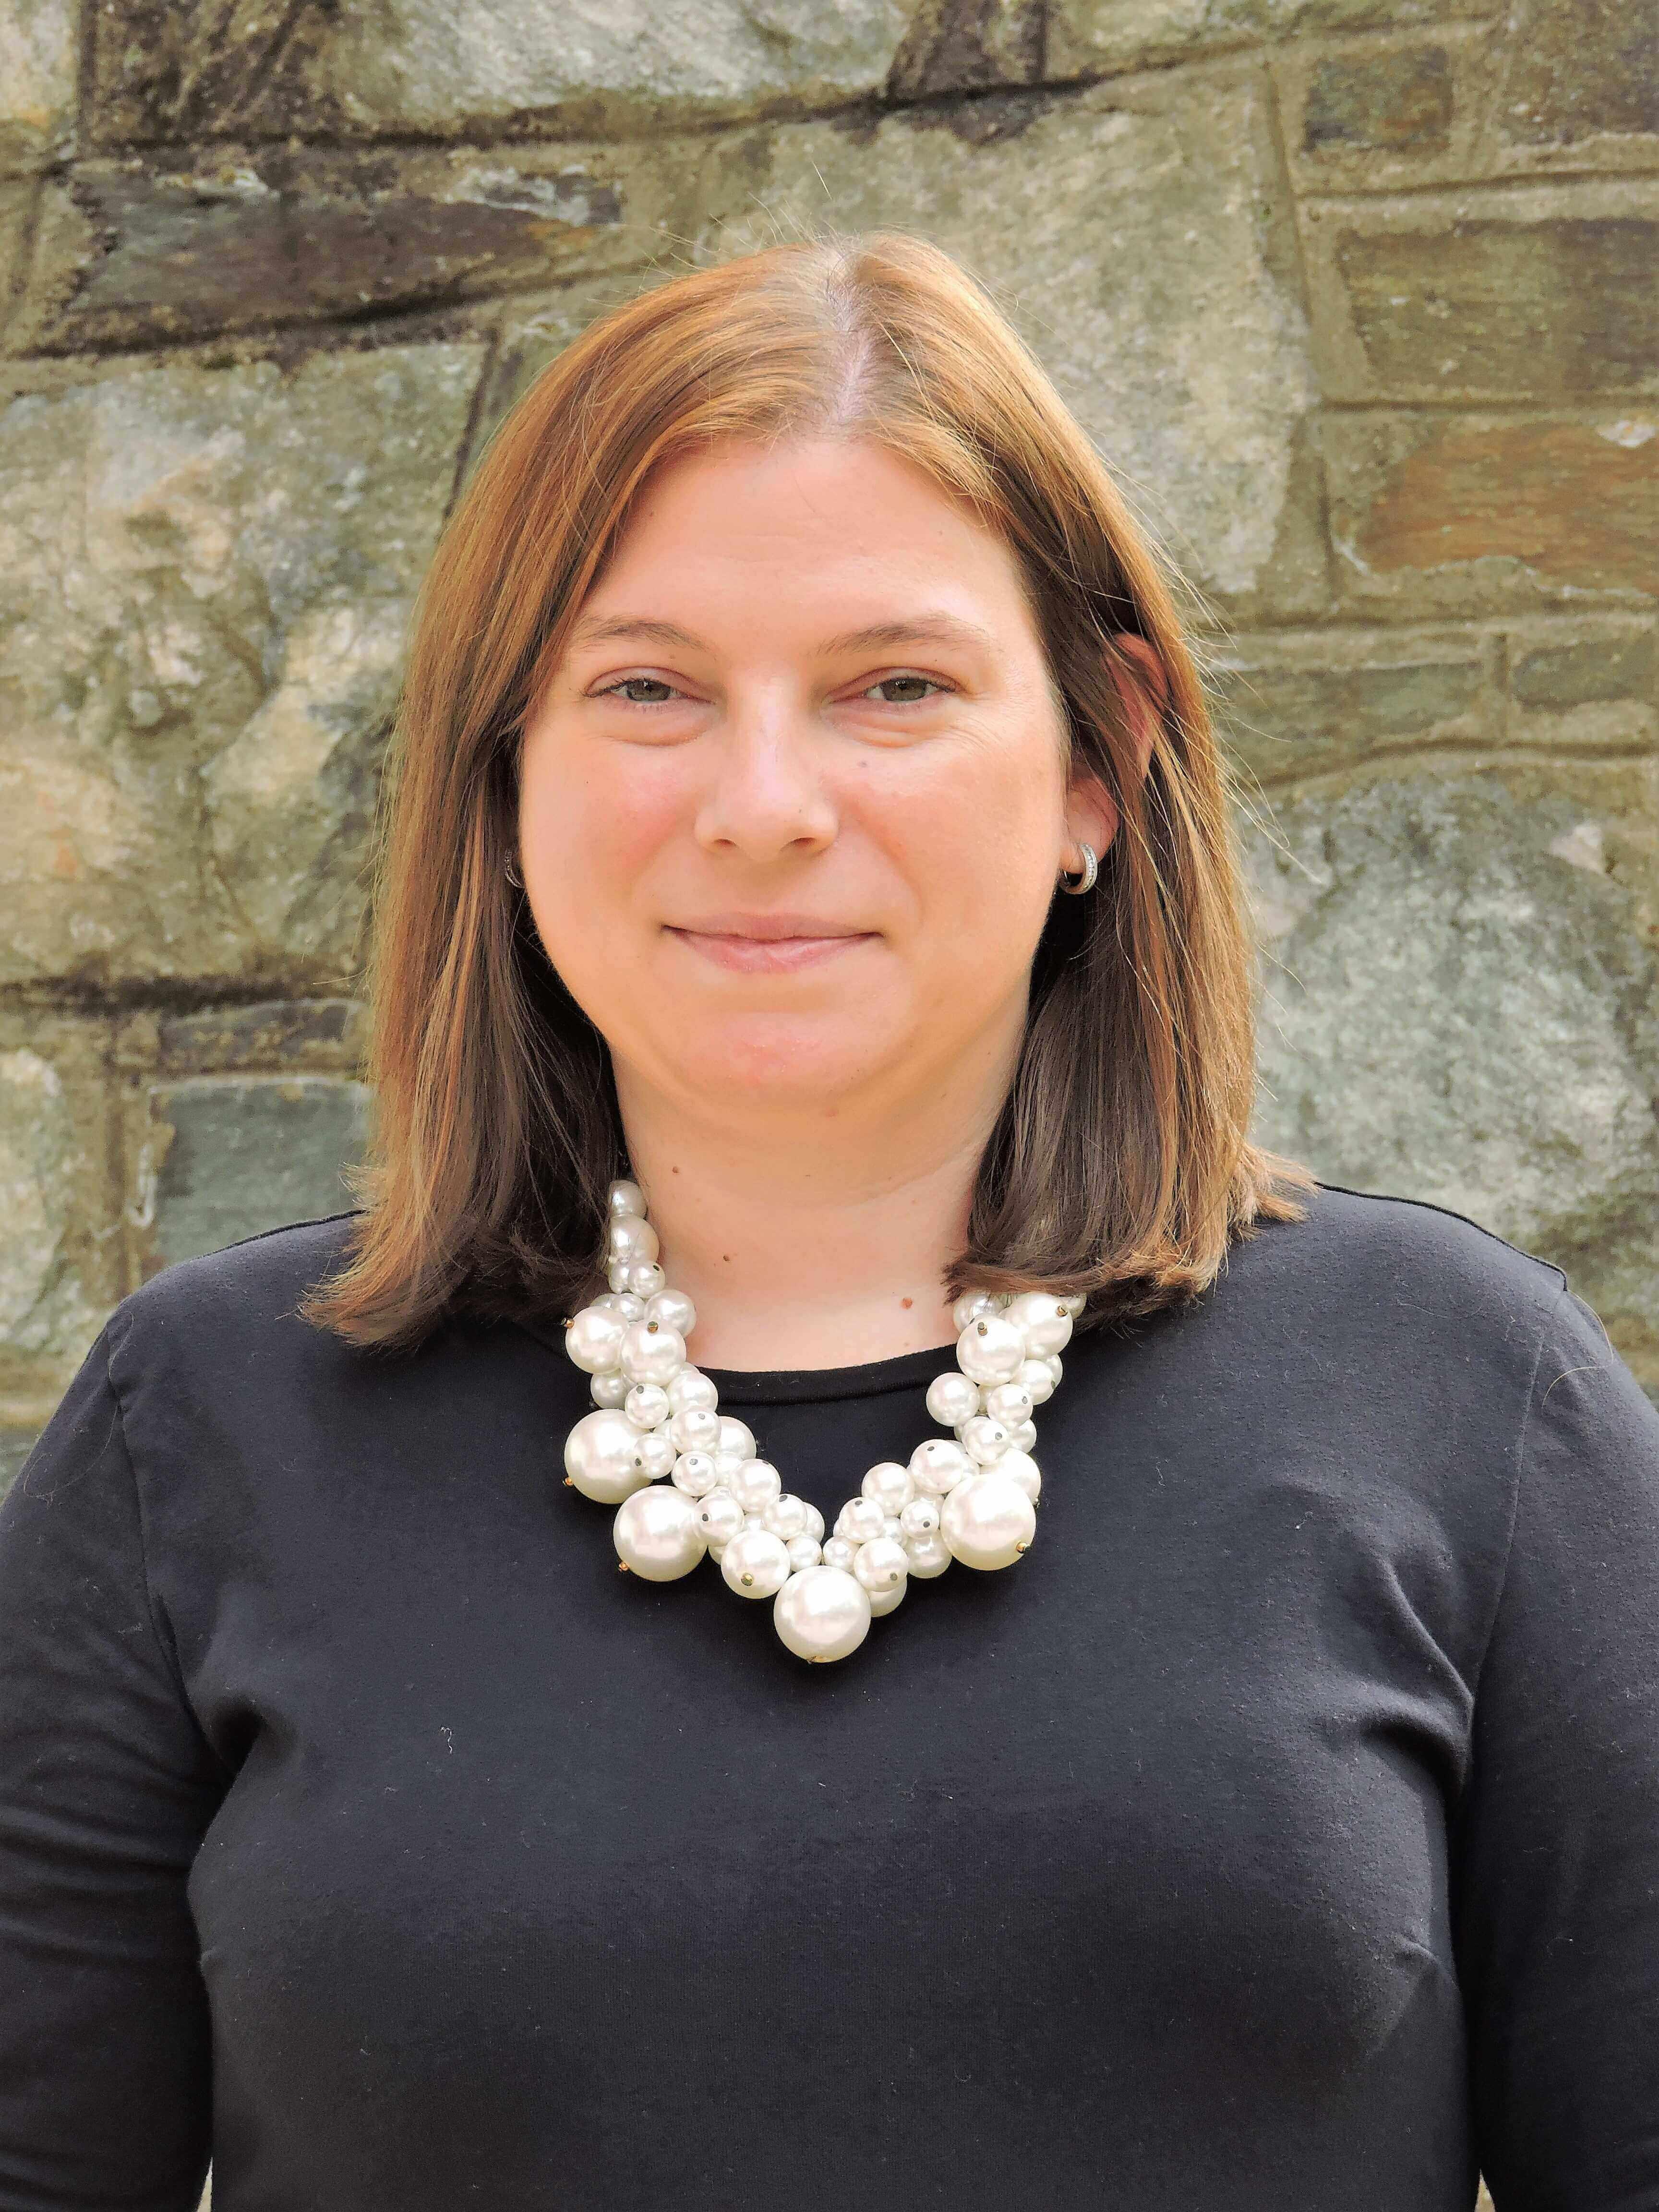 Denise Kopecky